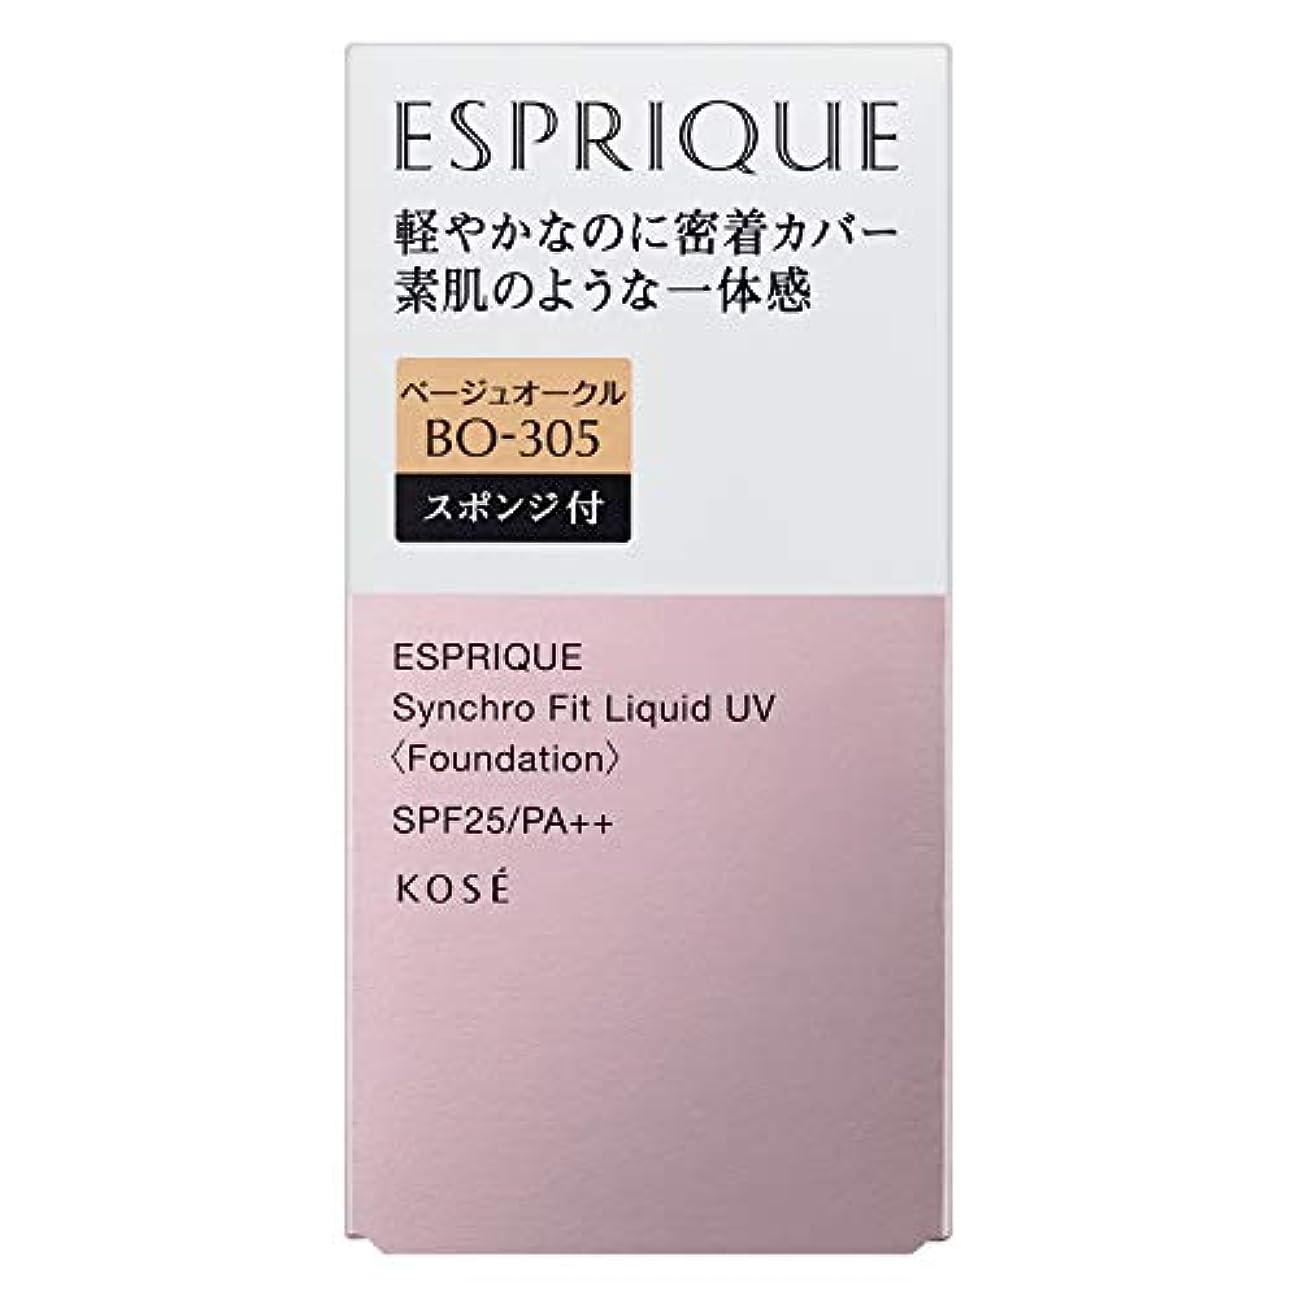 見て仲間説得ESPRIQUE(エスプリーク) エスプリーク シンクロフィット リキッド UV ファンデーション 無香料 BO-305 ベージュオークル 30g